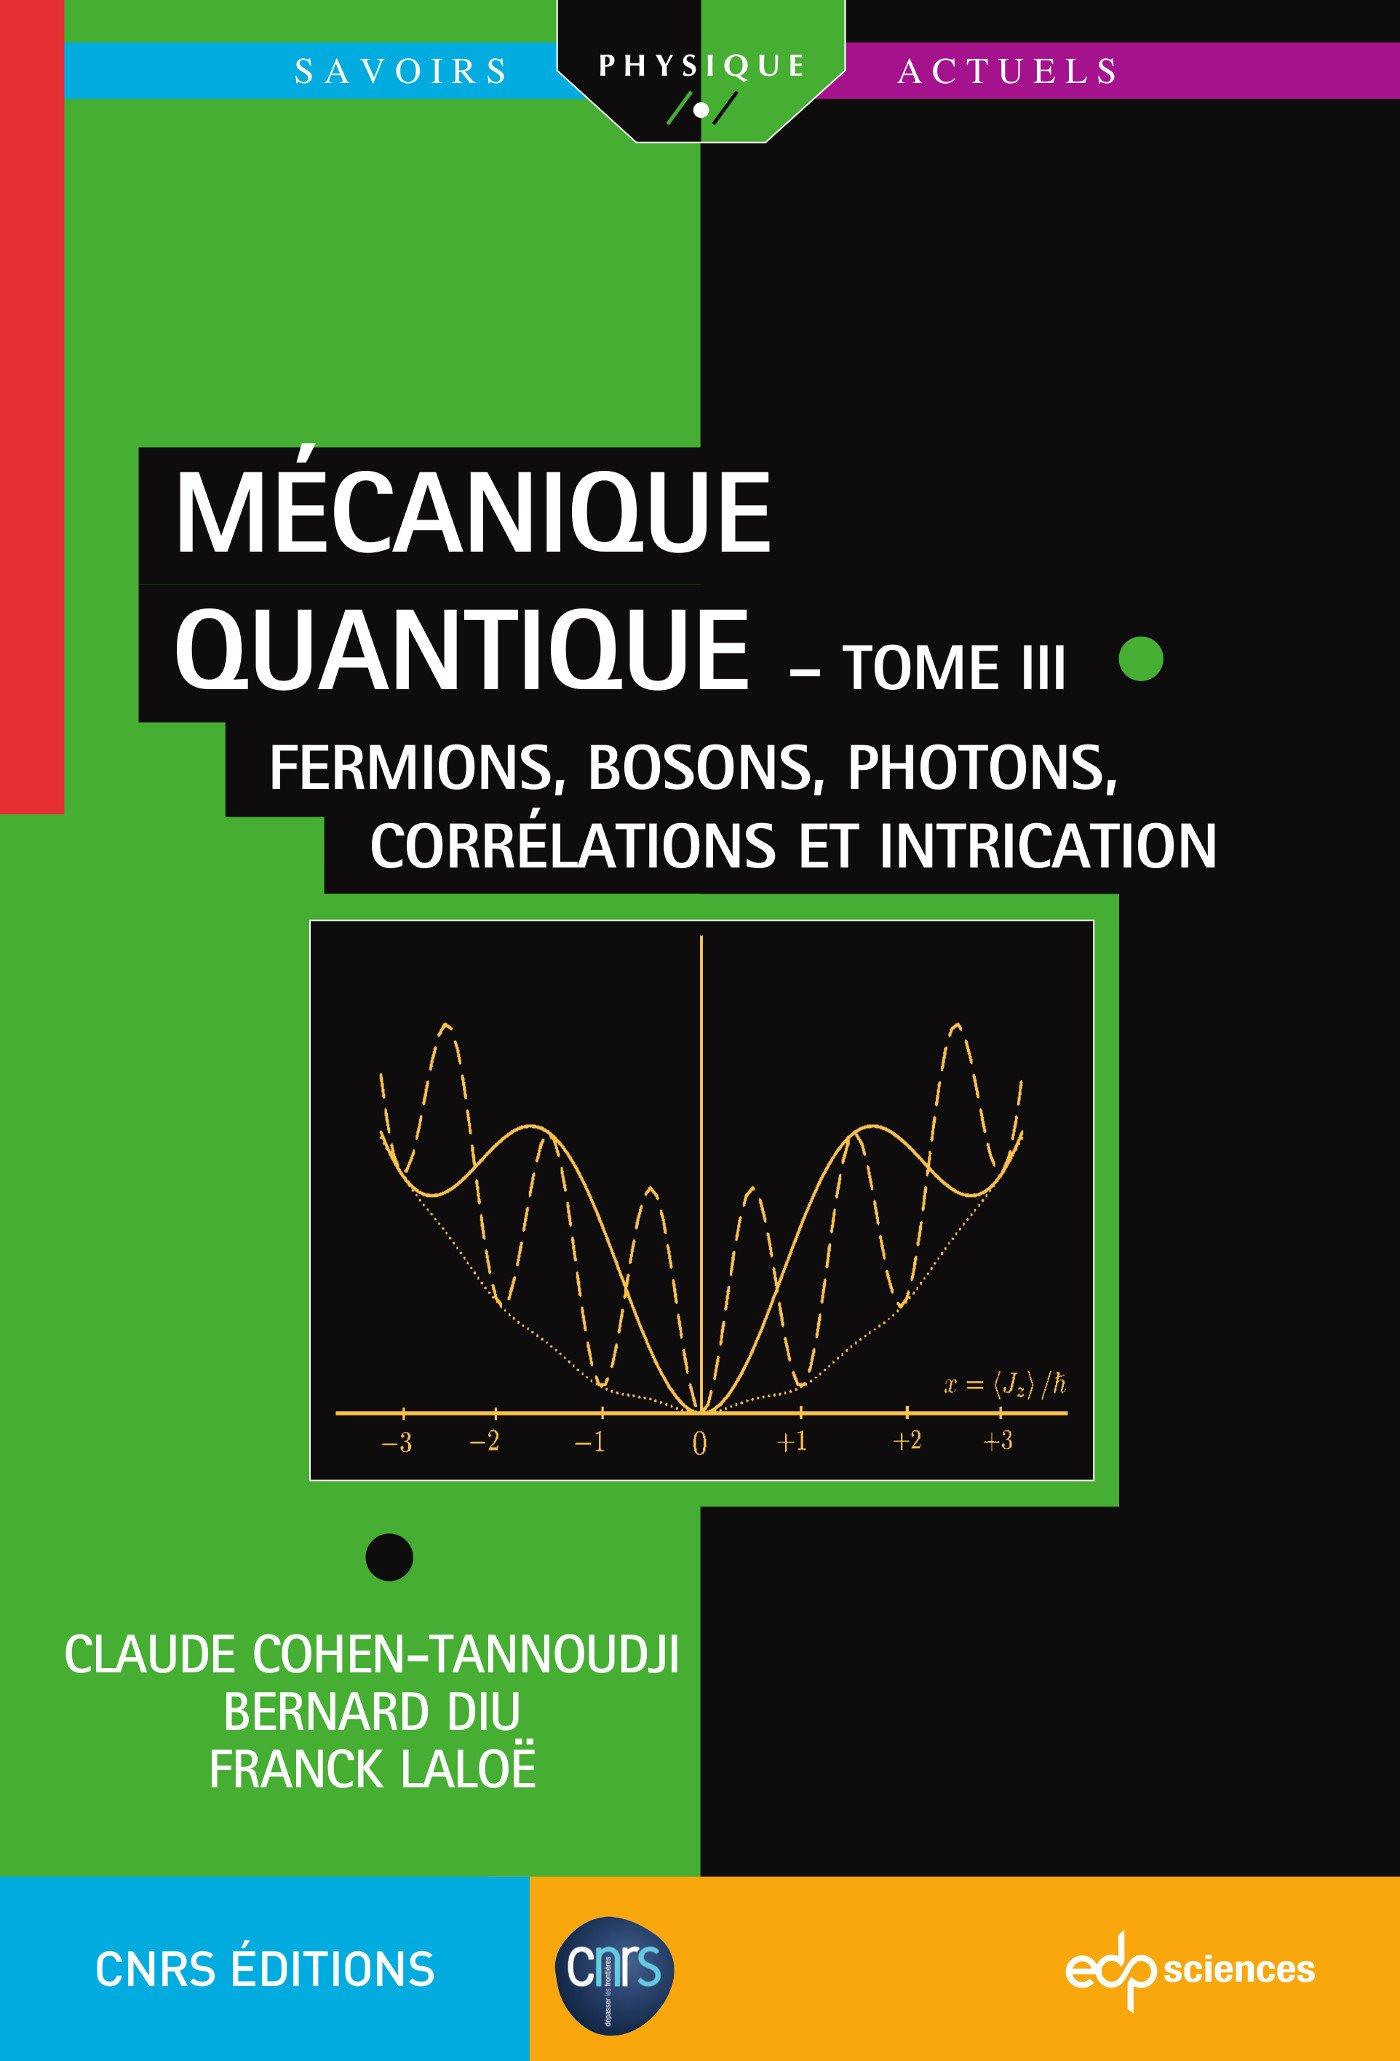 livre mecanique quantique cohen tannoudji gratuit